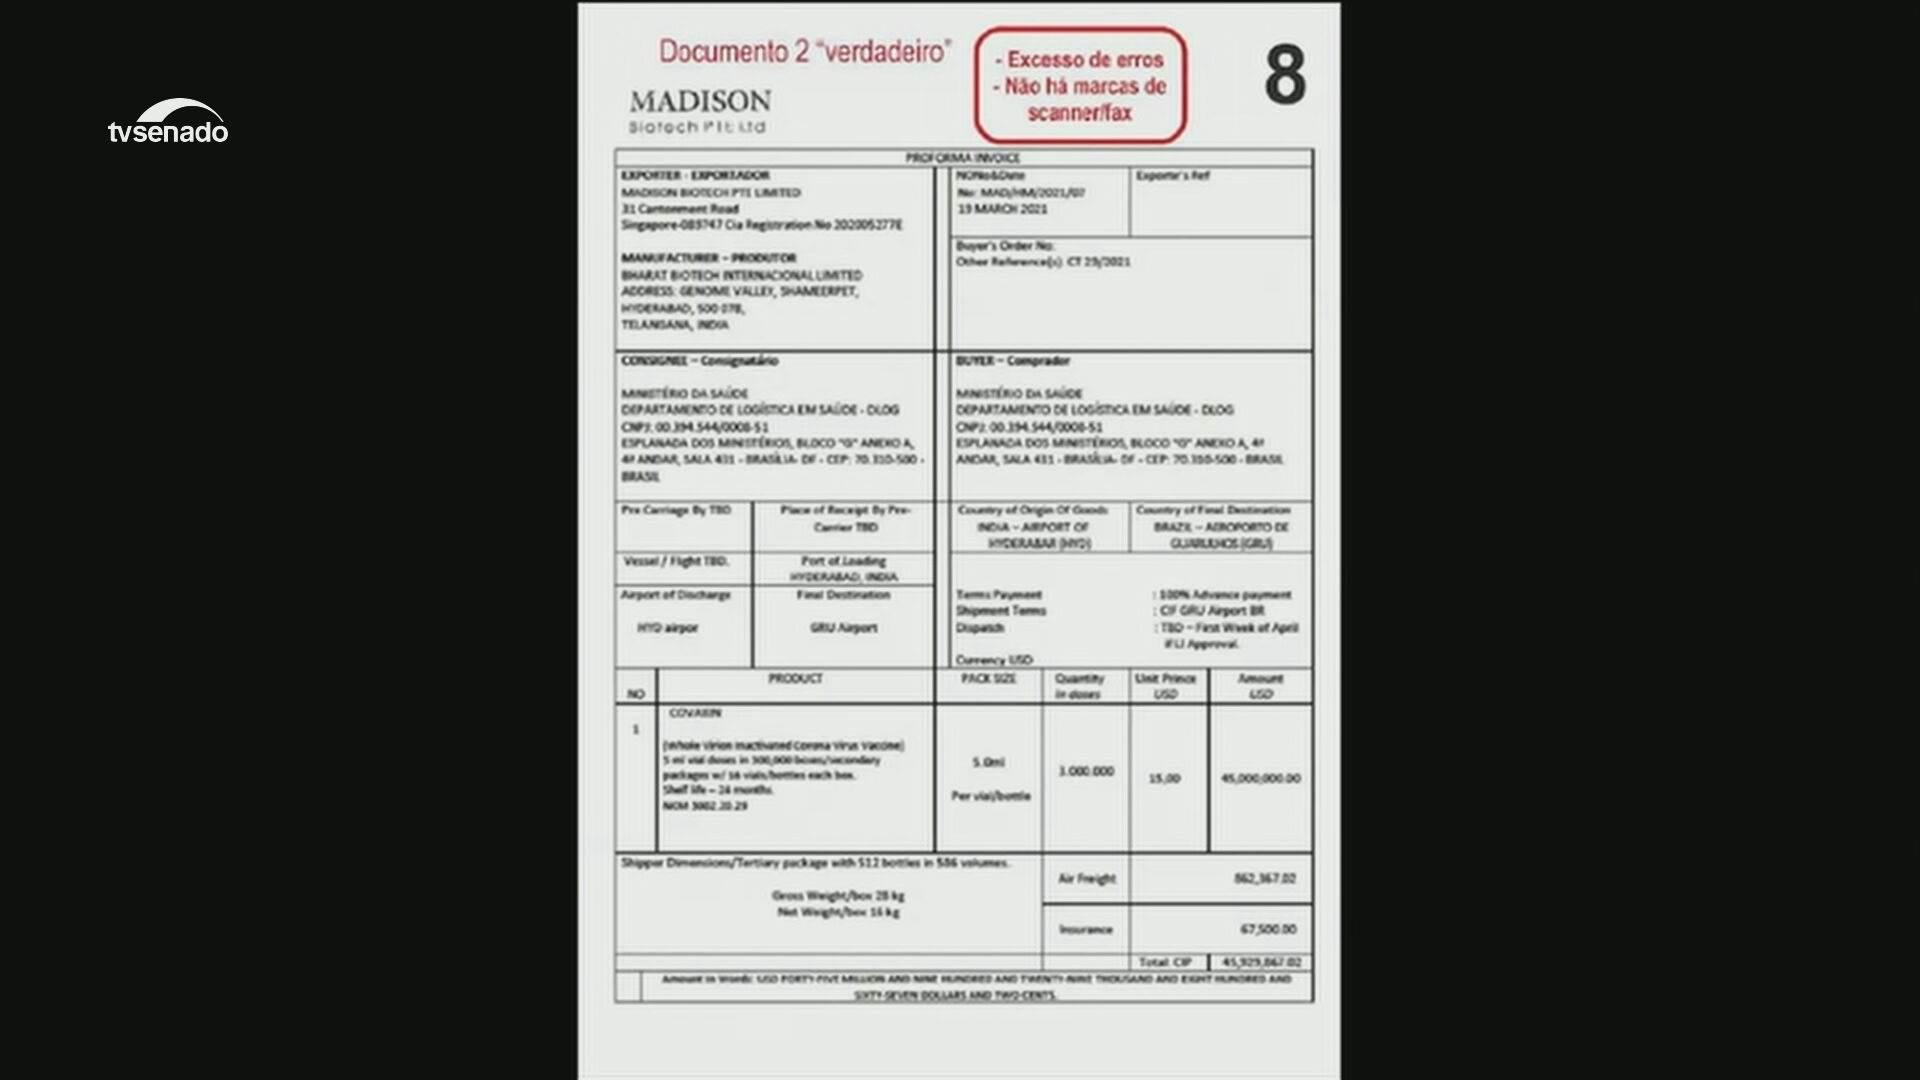 Documentos apresentados pela senadora Simone Tebet (MDB-MS) à CPI da Pandemia